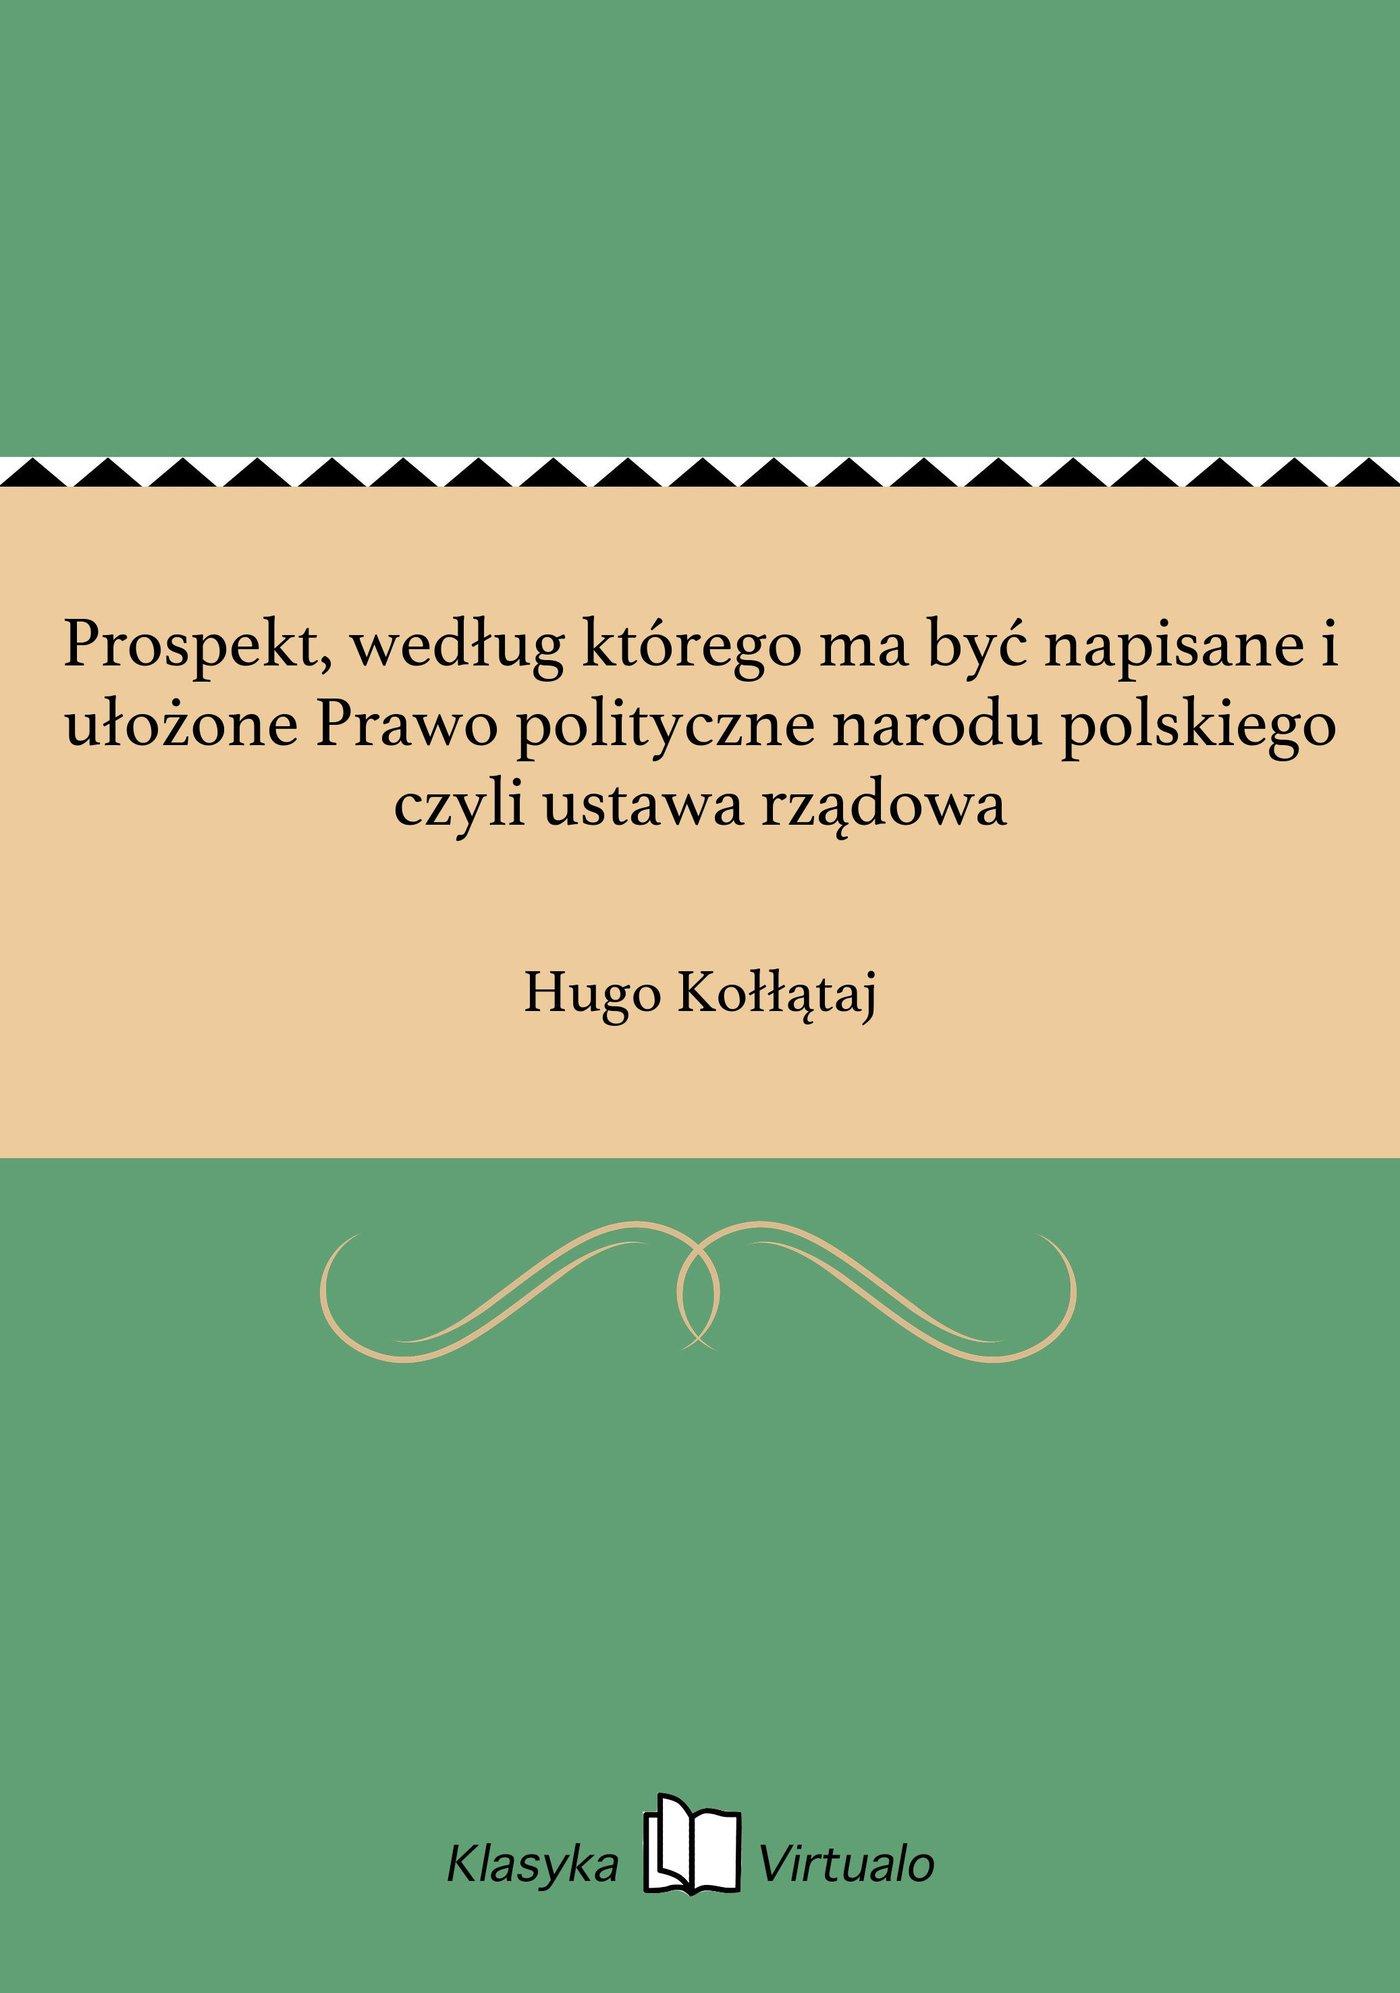 Prospekt, według którego ma być napisane i ułożone Prawo polityczne narodu polskiego czyli ustawa rządowa - Ebook (Książka EPUB) do pobrania w formacie EPUB